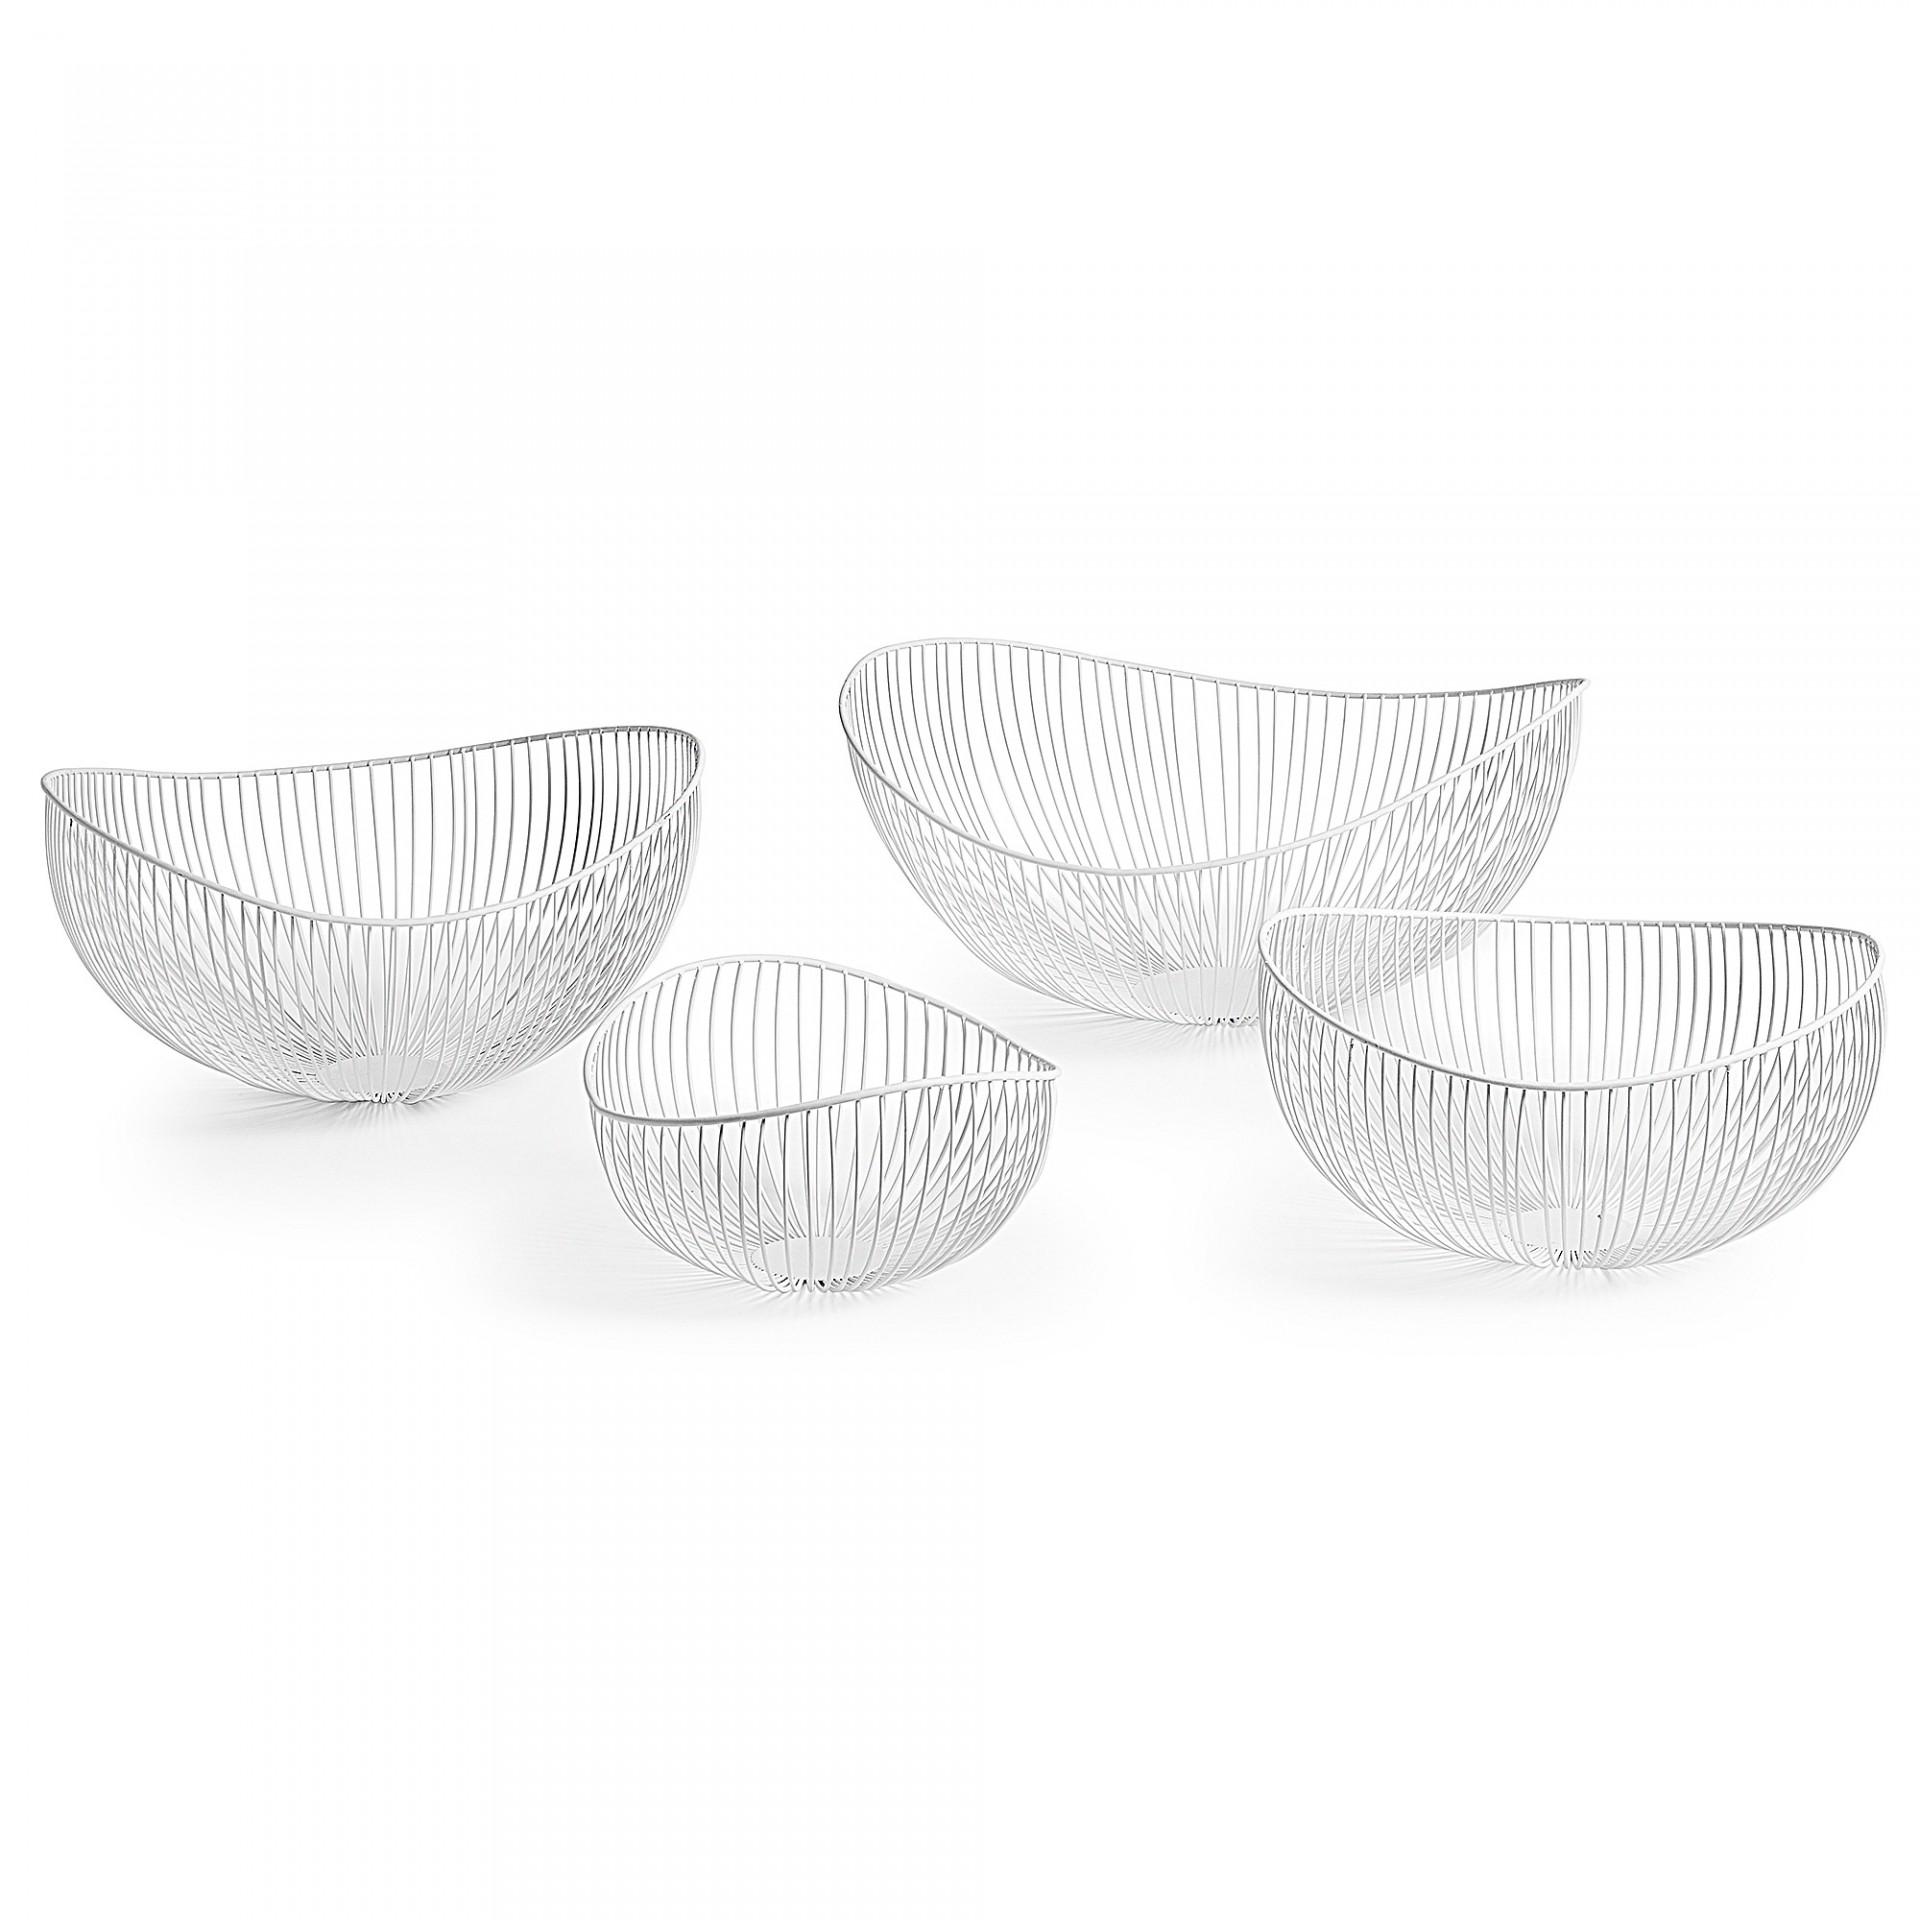 Centros de mesa, metal, branco, (Conj.4)